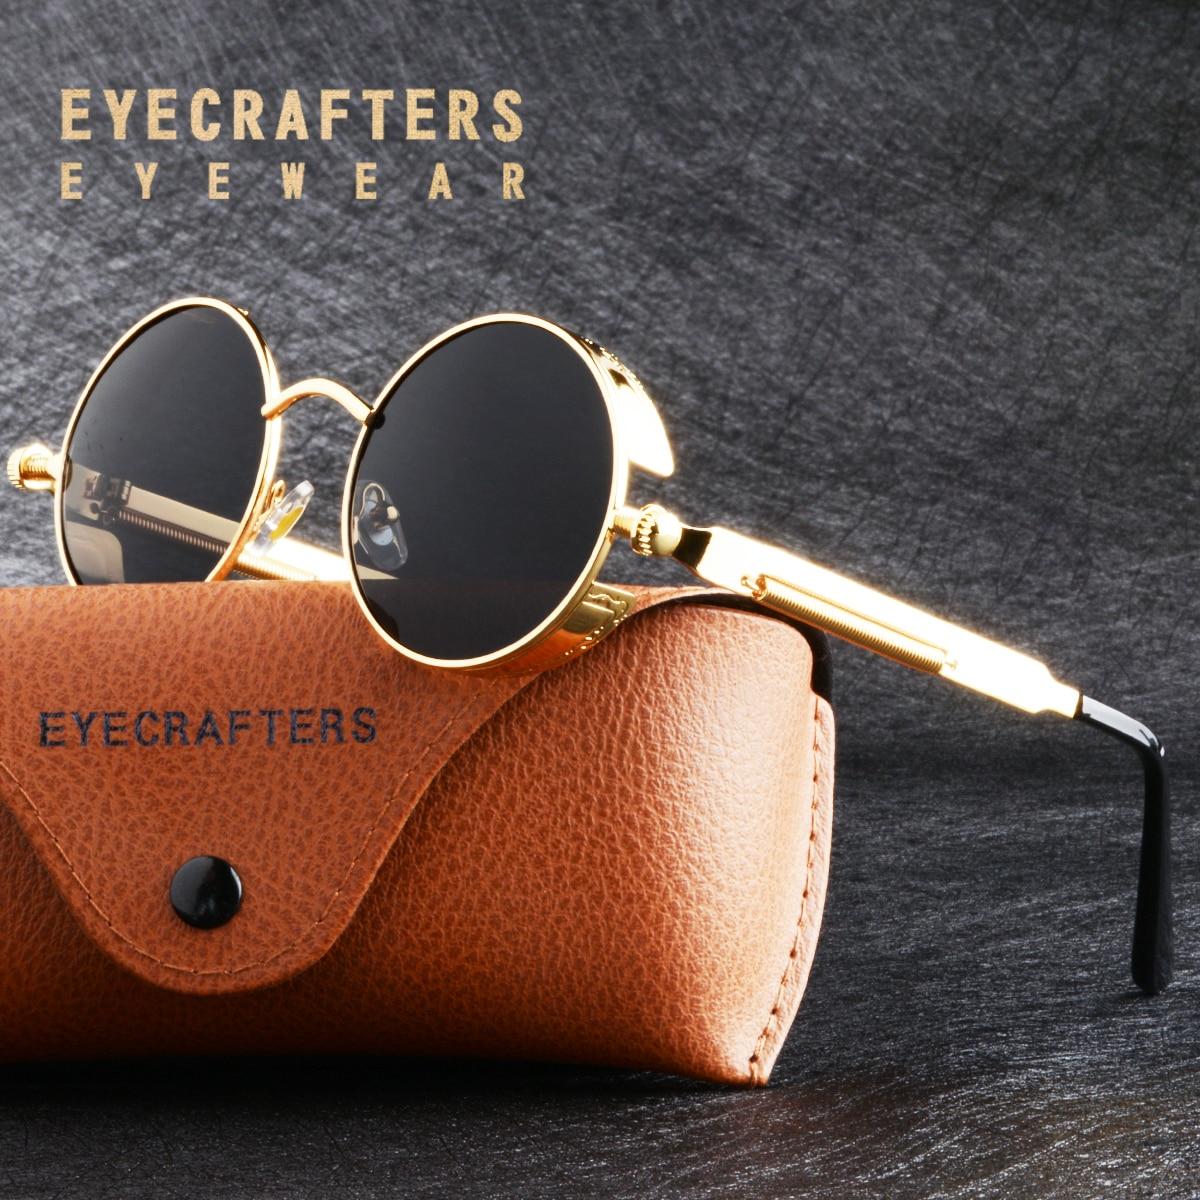 Oro Metallo Occhiali Da Sole Polarizzati Occhiali Da Sole Gotico Steampunk Occhiali Da Sole Delle Donne Degli Uomini di Modo Retro Vintage Scudo Occhiali Shades 2020